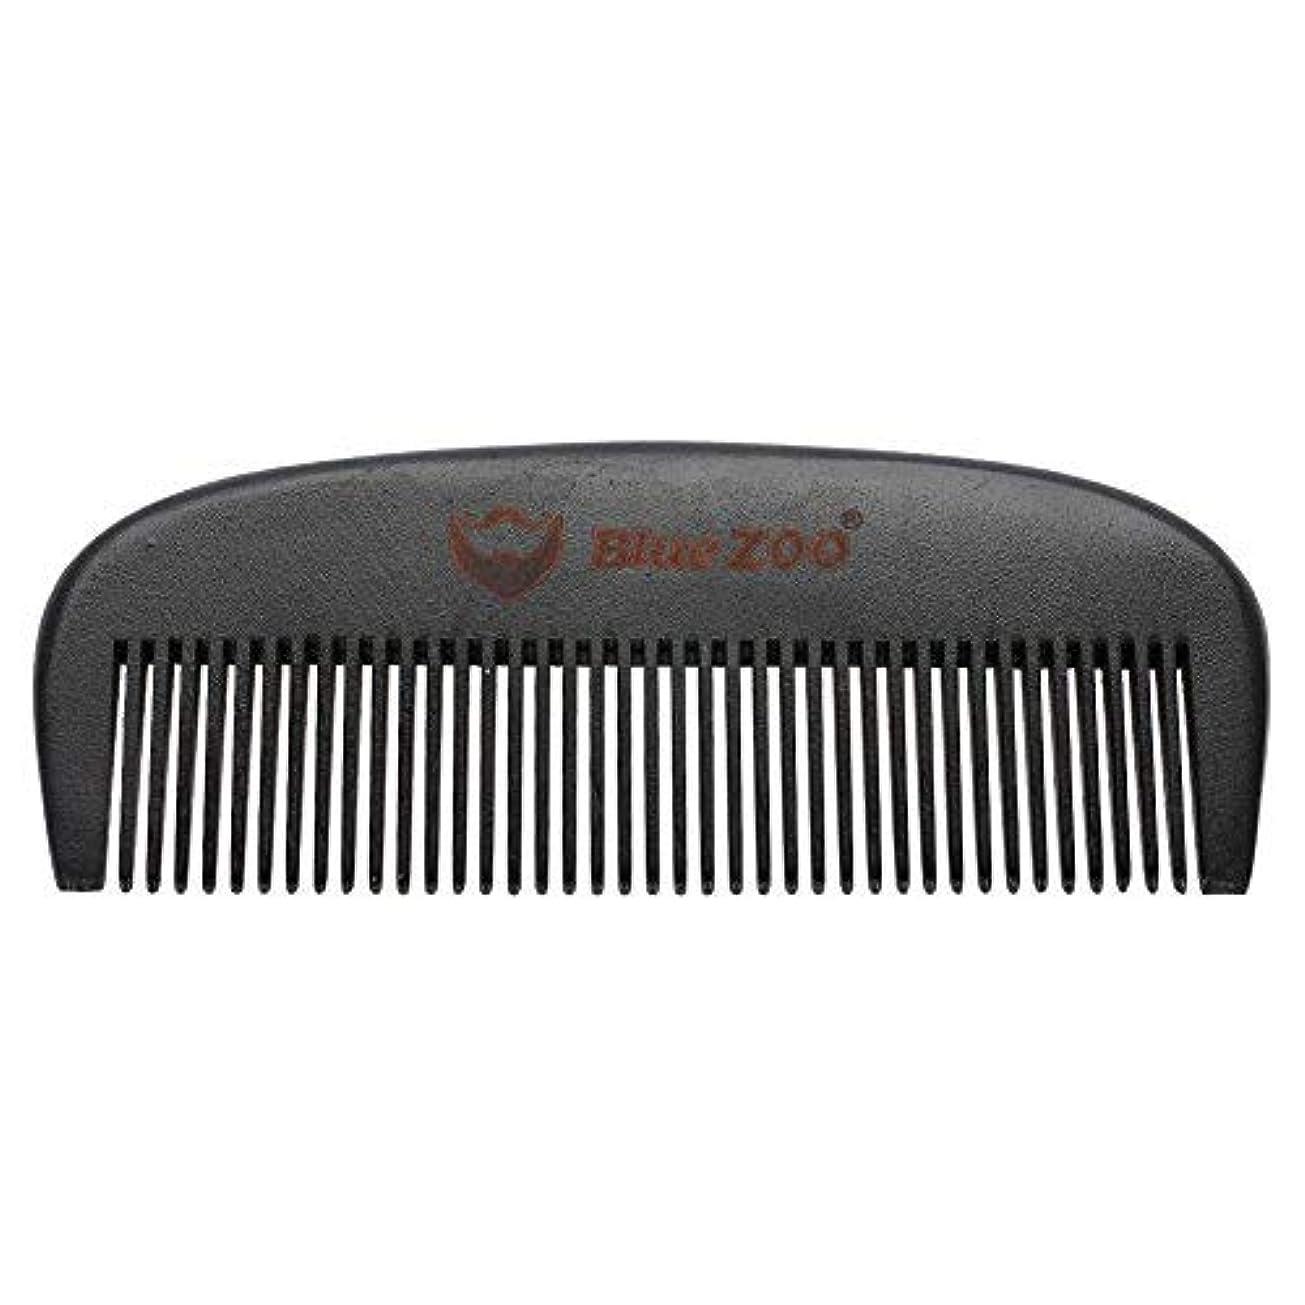 どれでも打ち上げる読書をするMens Beard Comb Natural Wooden Moustache Hair Health Care Combing Black Pear Wood Anti-static Fine Wide Tooth...